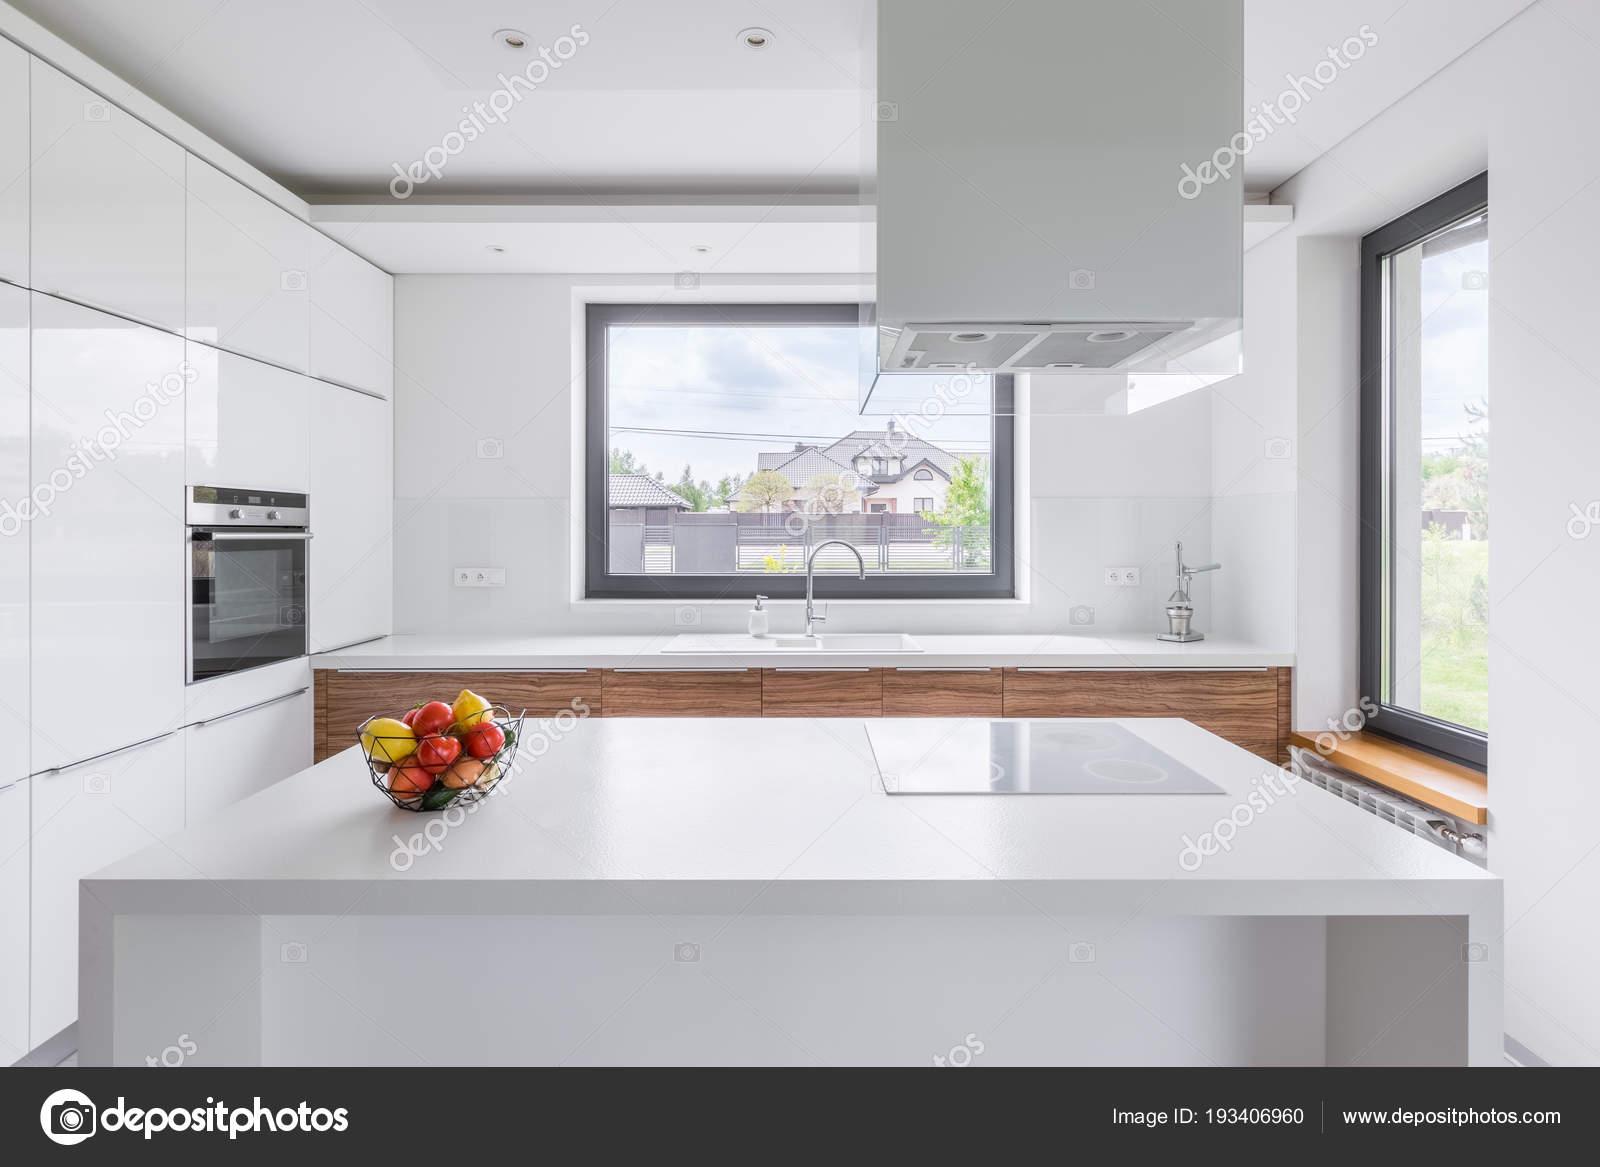 Cozinha Branca Com Ilha Fotografias De Stock In4mal 193406960